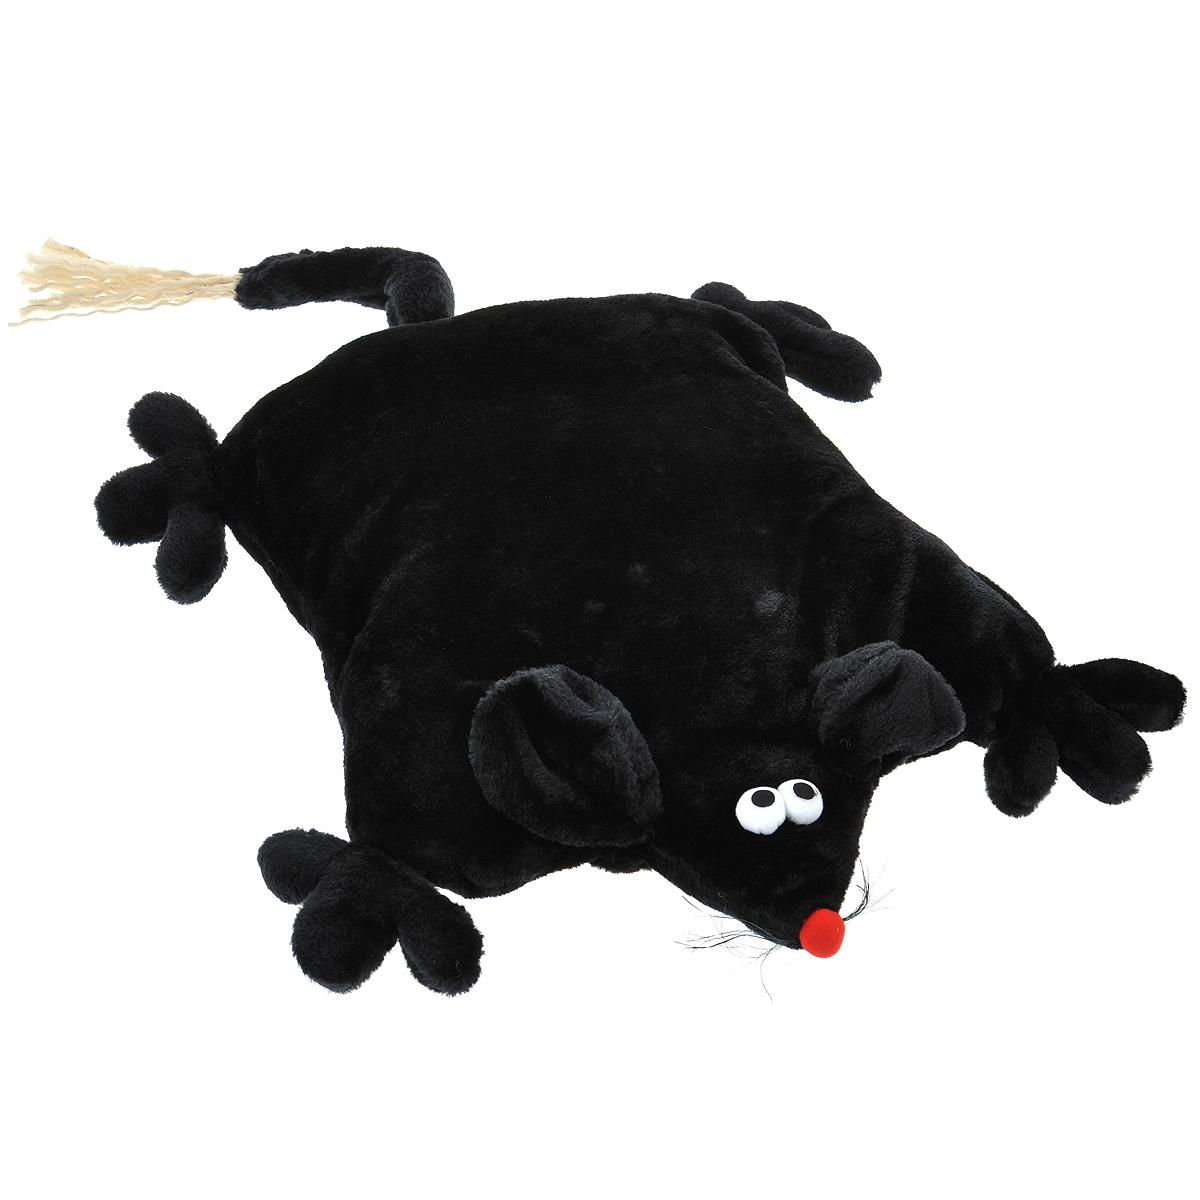 Лежанка для кошек I.P.T.S. Мышь, цвет: черный, 45 см х 59 см х 9 см16751Лежанка I.P.T.S. Мышь станет излюбленным местом отдыха для вашего питомца, ведь уютное плюшевое спальное место по достоинству оценит даже самый привередливый кот. Лежанка имеет форму мыши и немного напоминает мягкую плоскую подушку. Ваш питомец сможет поиграть с длинным хвостиком или забавными усиками. Изделие будет одинаково хорошо смотреться как в гостиной, так и в другой комнате, поскольку вписывается в любой интерьер. Можно стирать в стиральной машине при 30°C. Размер лежанки: 45 см х 59 см х 9 см. Товар сертифицирован.